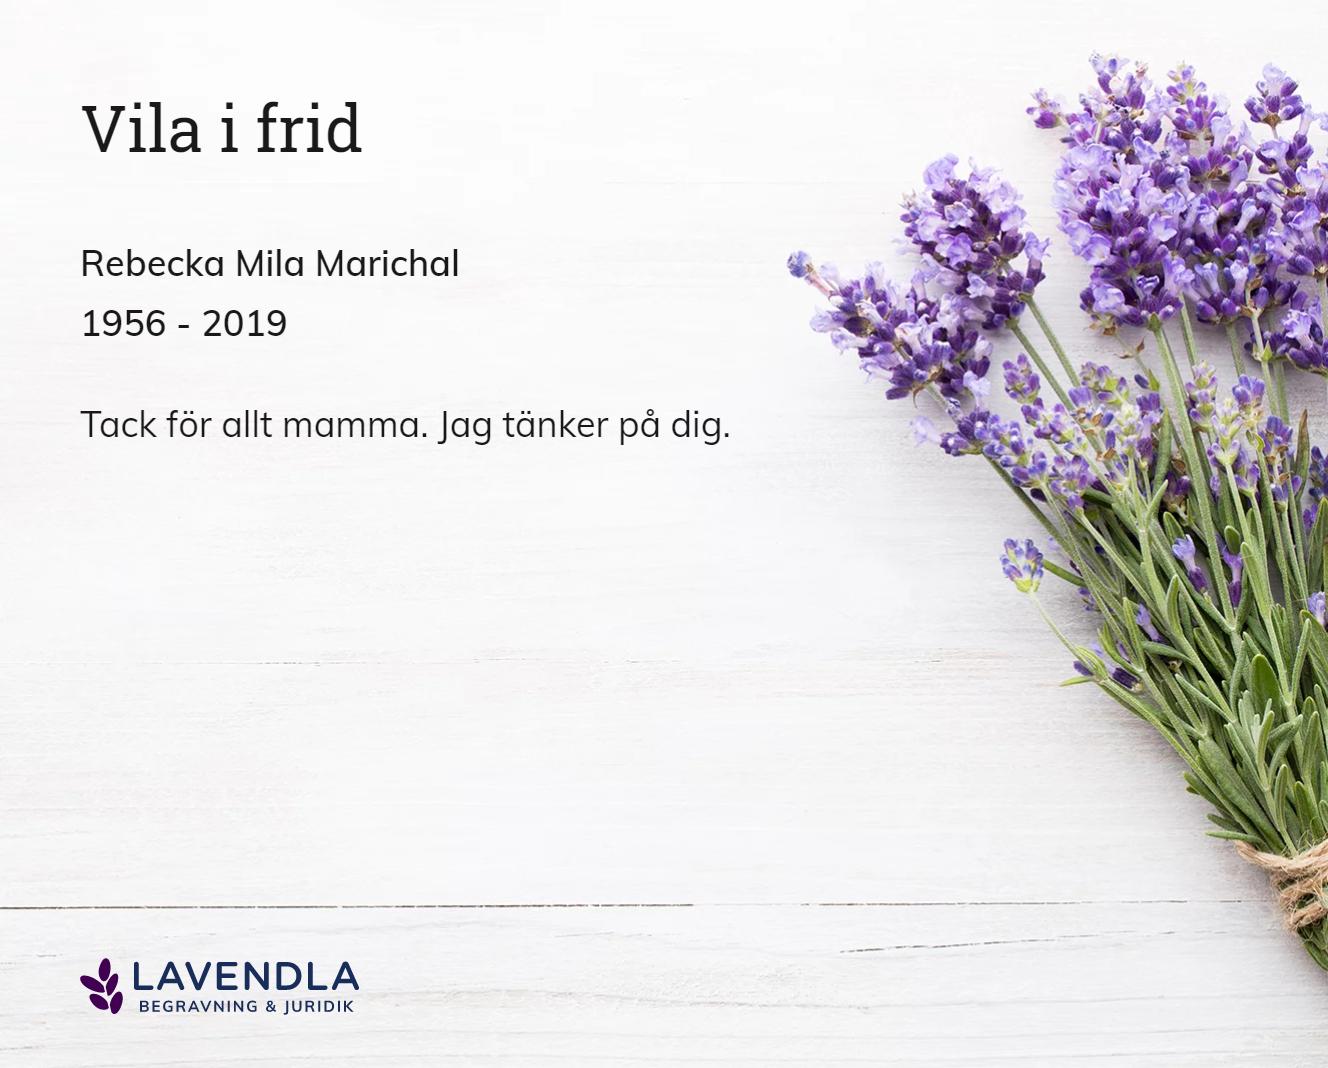 Inbjudningskort till ceremonin för Rebecka Mila Marichal